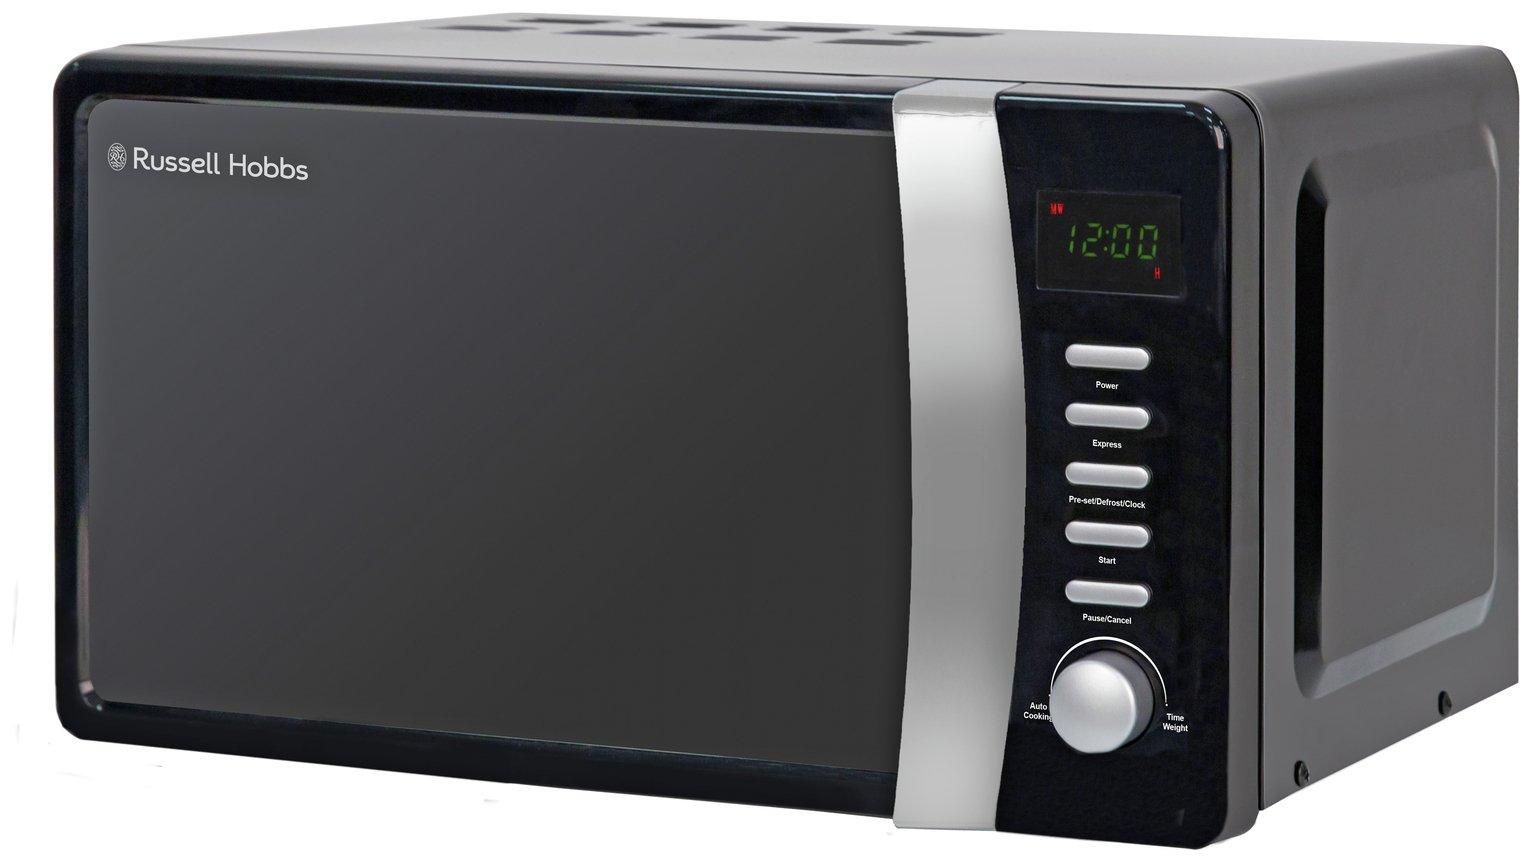 Russell Hobbs 700W Standard Microwave RHMD702 - Black